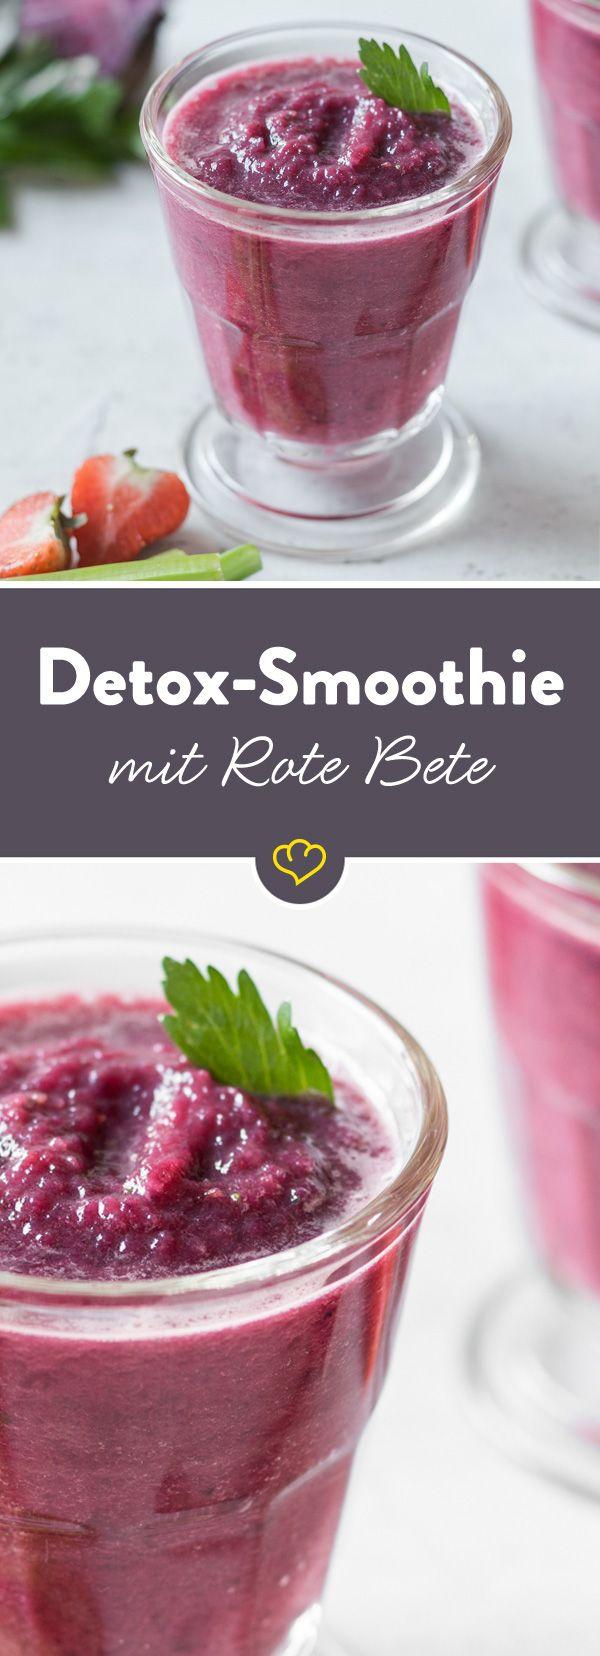 Dieser Rote Bete-Smoothie ist eine echte Vitaminbombe. Und in Kombination mit Apfel, Zitrone und Erdbeere schmeckt er gleich doppelt so gut.